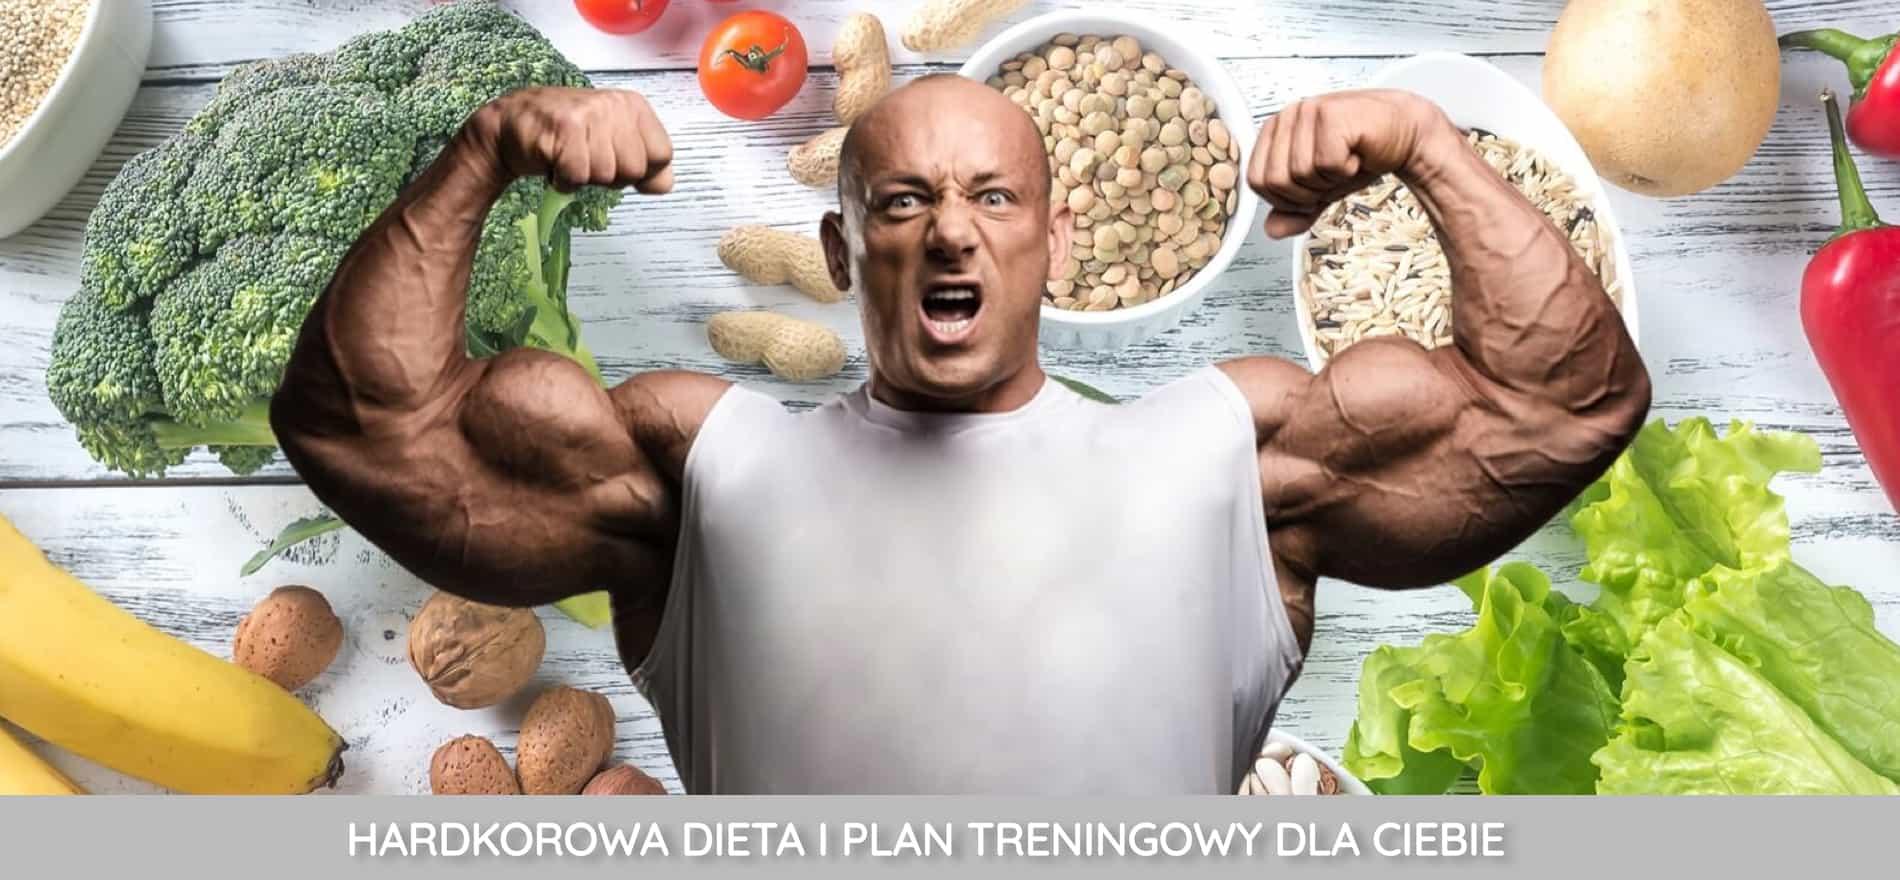 Hardkorowa Dieta